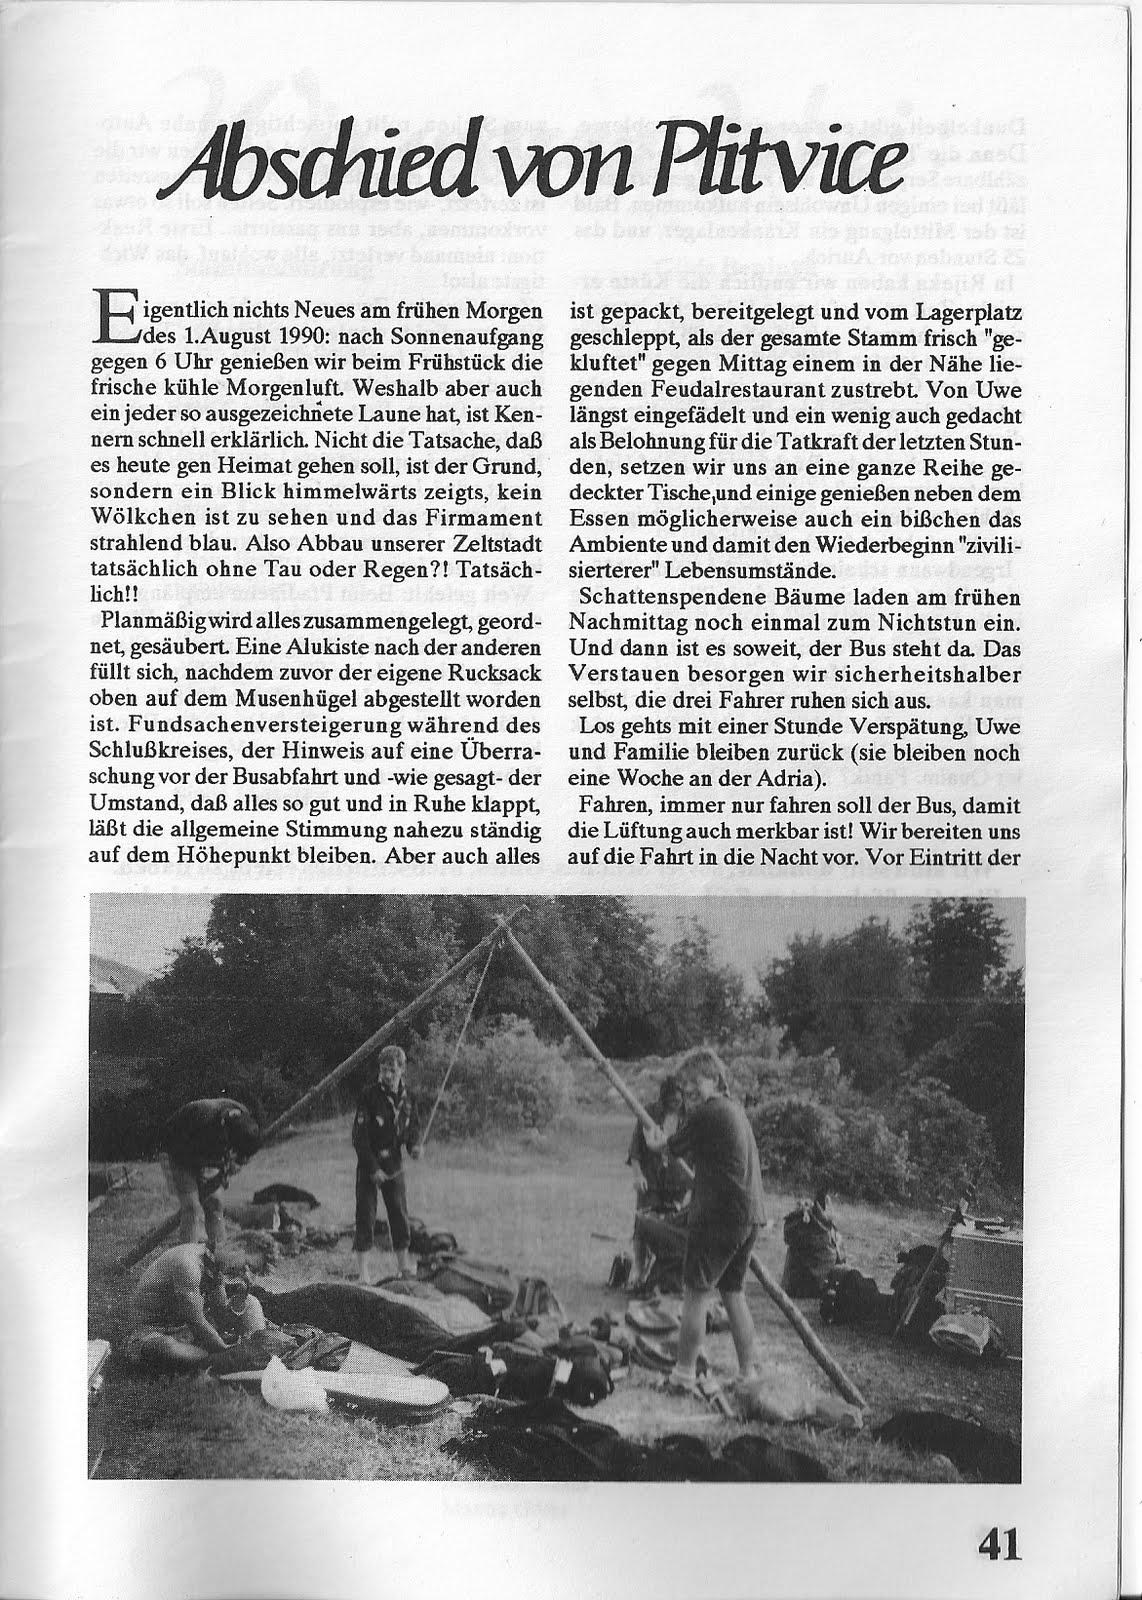 Günther Janßen beim Abbau Sommefahrt Vaganten Aurich 1990